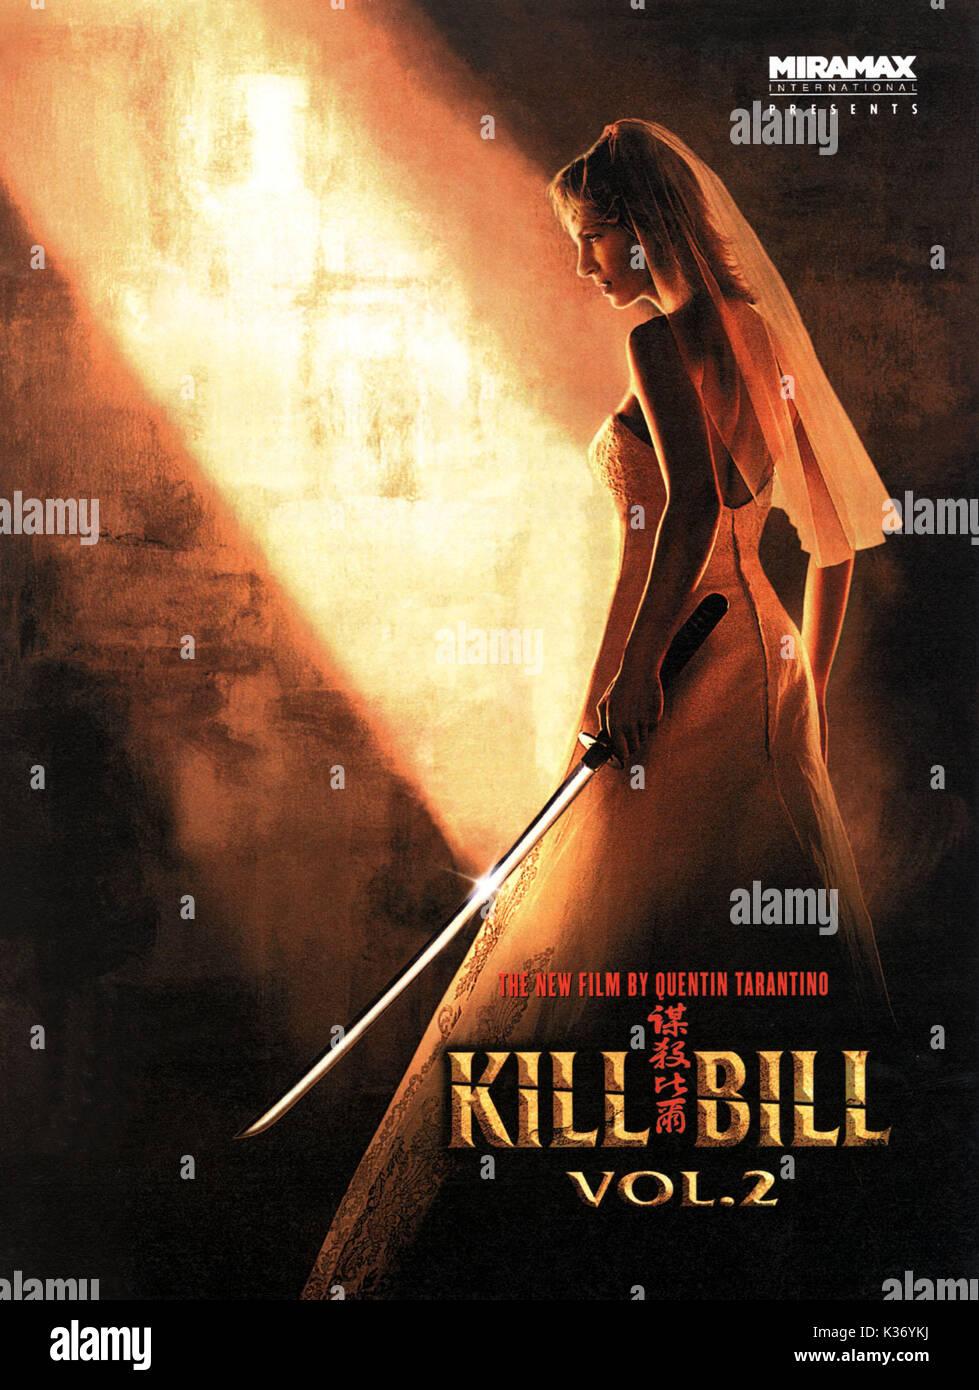 VOL 2 Movie PHOTO Print POSTER Film Art Uma Thurman David Carradine 6 KILL BILL